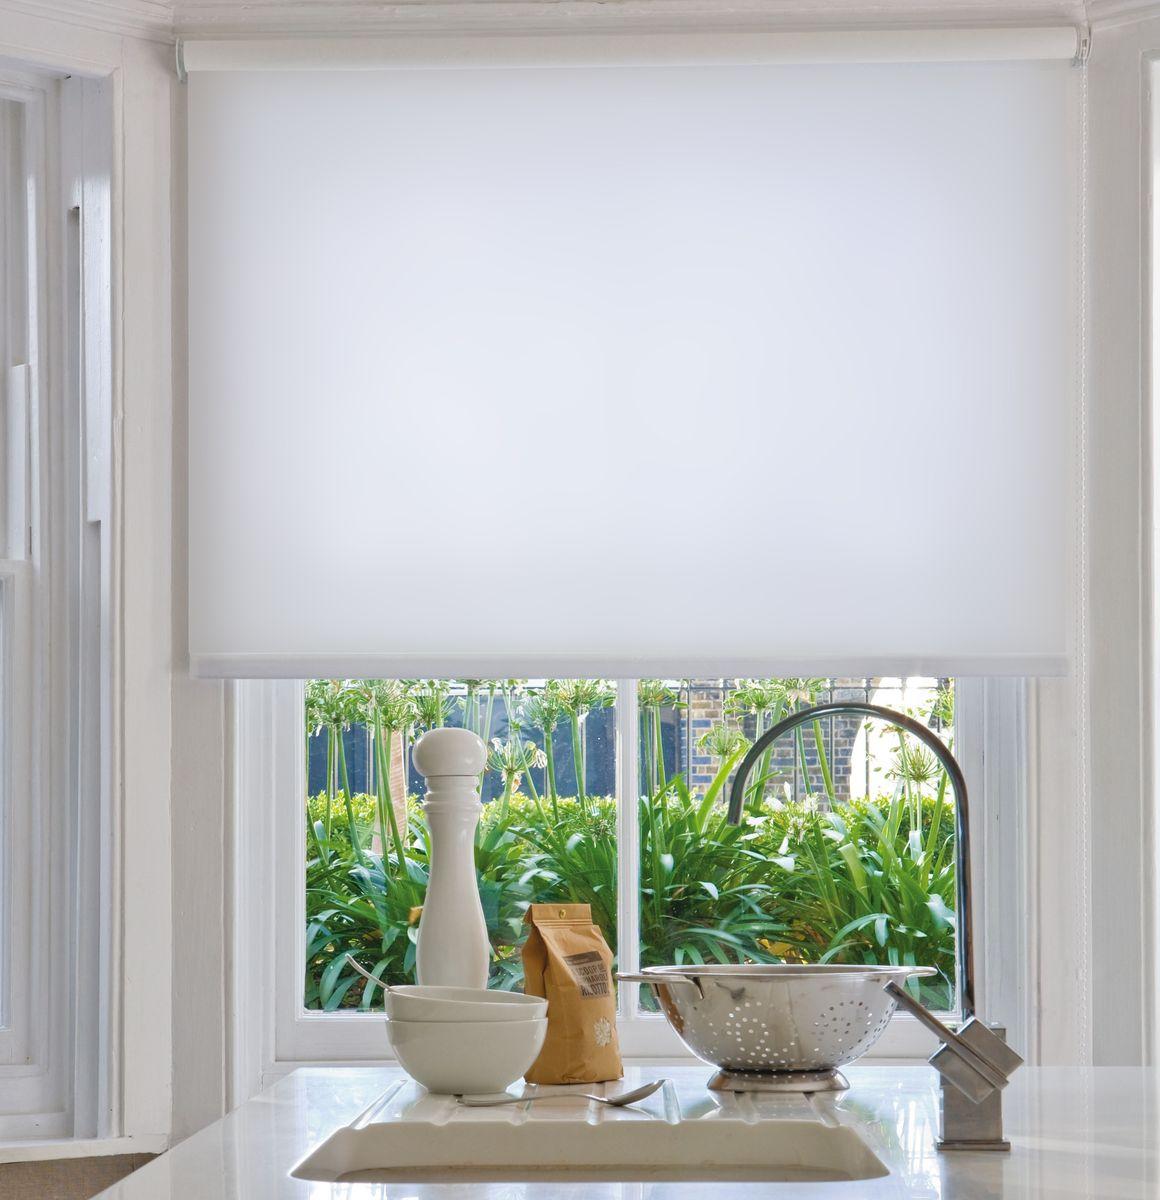 Штора рулонная Эскар Миниролло, цвет: белый, ширина 43 см, высота 170 см31008043170Рулонная штора Эскар Миниролло выполнена из высокопрочной ткани, которая сохраняет свой размер даже при намокании. Ткань не выцветает и обладает отличной цветоустойчивостью.Миниролло - это подвид рулонных штор, который закрывает не весь оконный проем, а непосредственно само стекло. Такие шторы крепятся на раму без сверления при помощи зажимов или клейкой двухсторонней ленты (в комплекте). Окно остается на гарантии, благодаря монтажу без сверления. Такая штора станет прекрасным элементом декора окна и гармонично впишется в интерьер любого помещения.